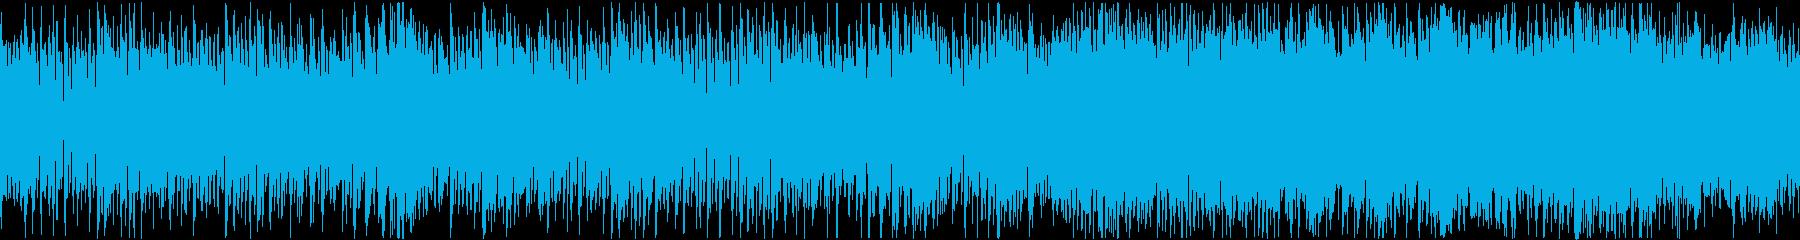 コミカル&ポップな戦闘曲・ループの再生済みの波形